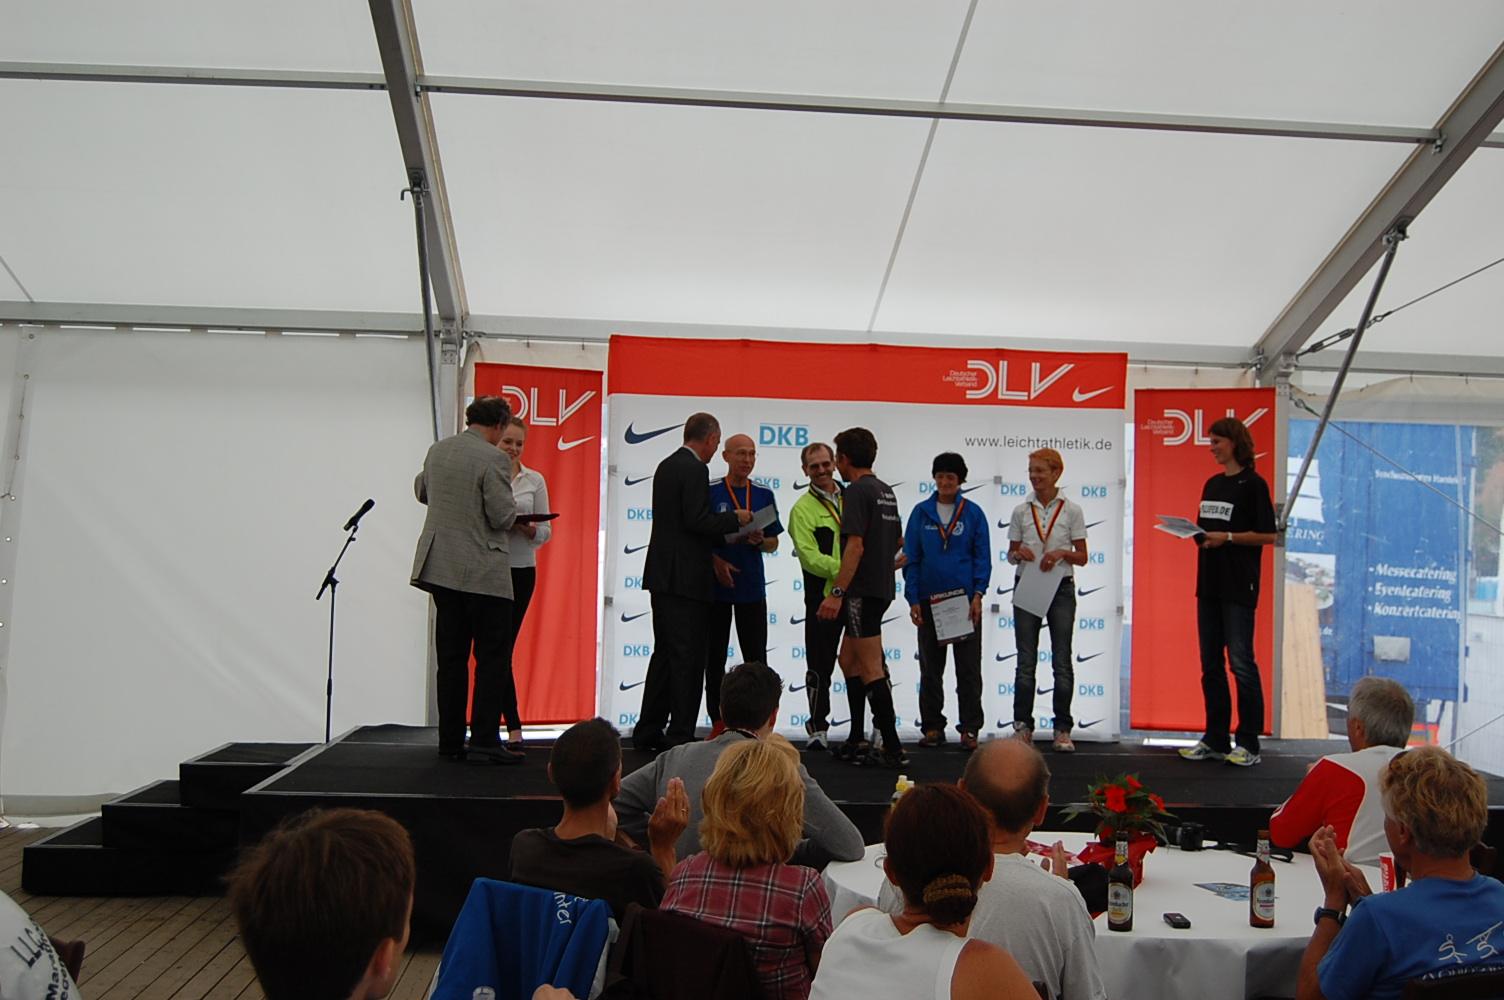 26. Haspa Marathon Hamburg: Große Siegerehrungen Deutsche Meisterschaften (im Pasta-Party-Zelt neben der Messe),  Altersklasse M60, für Hamburg: Joachim Krüttgen (Hamburger Sportclub, im blauen Trikot)